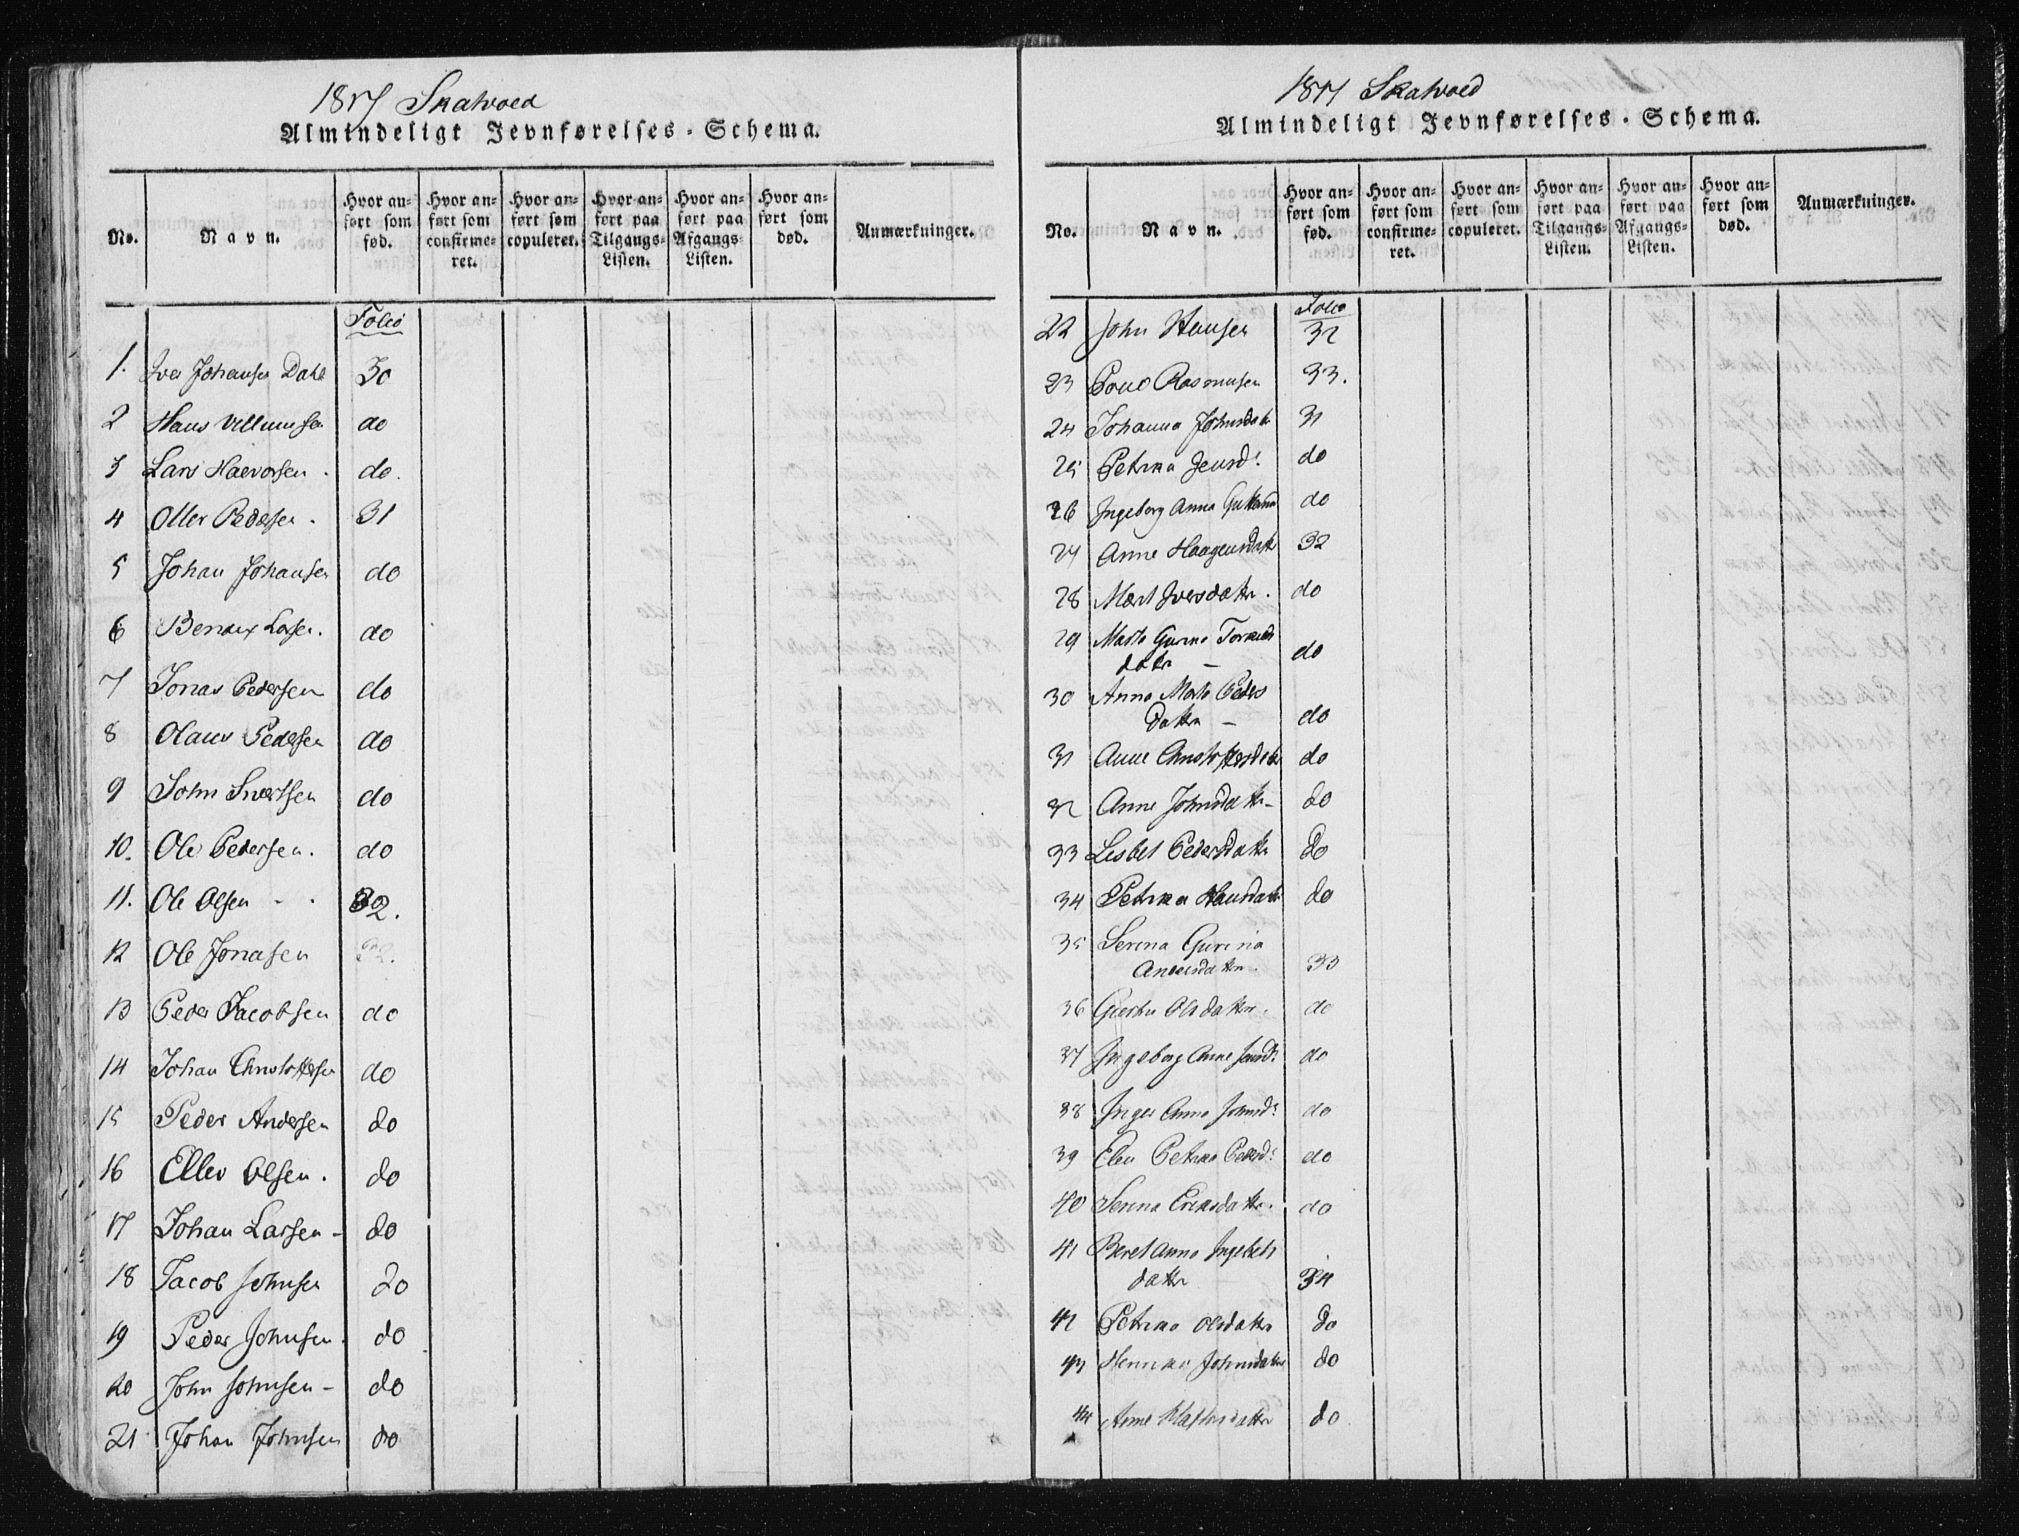 SAT, Ministerialprotokoller, klokkerbøker og fødselsregistre - Nord-Trøndelag, 709/L0061: Ministerialbok nr. 709A08 /2, 1815-1819